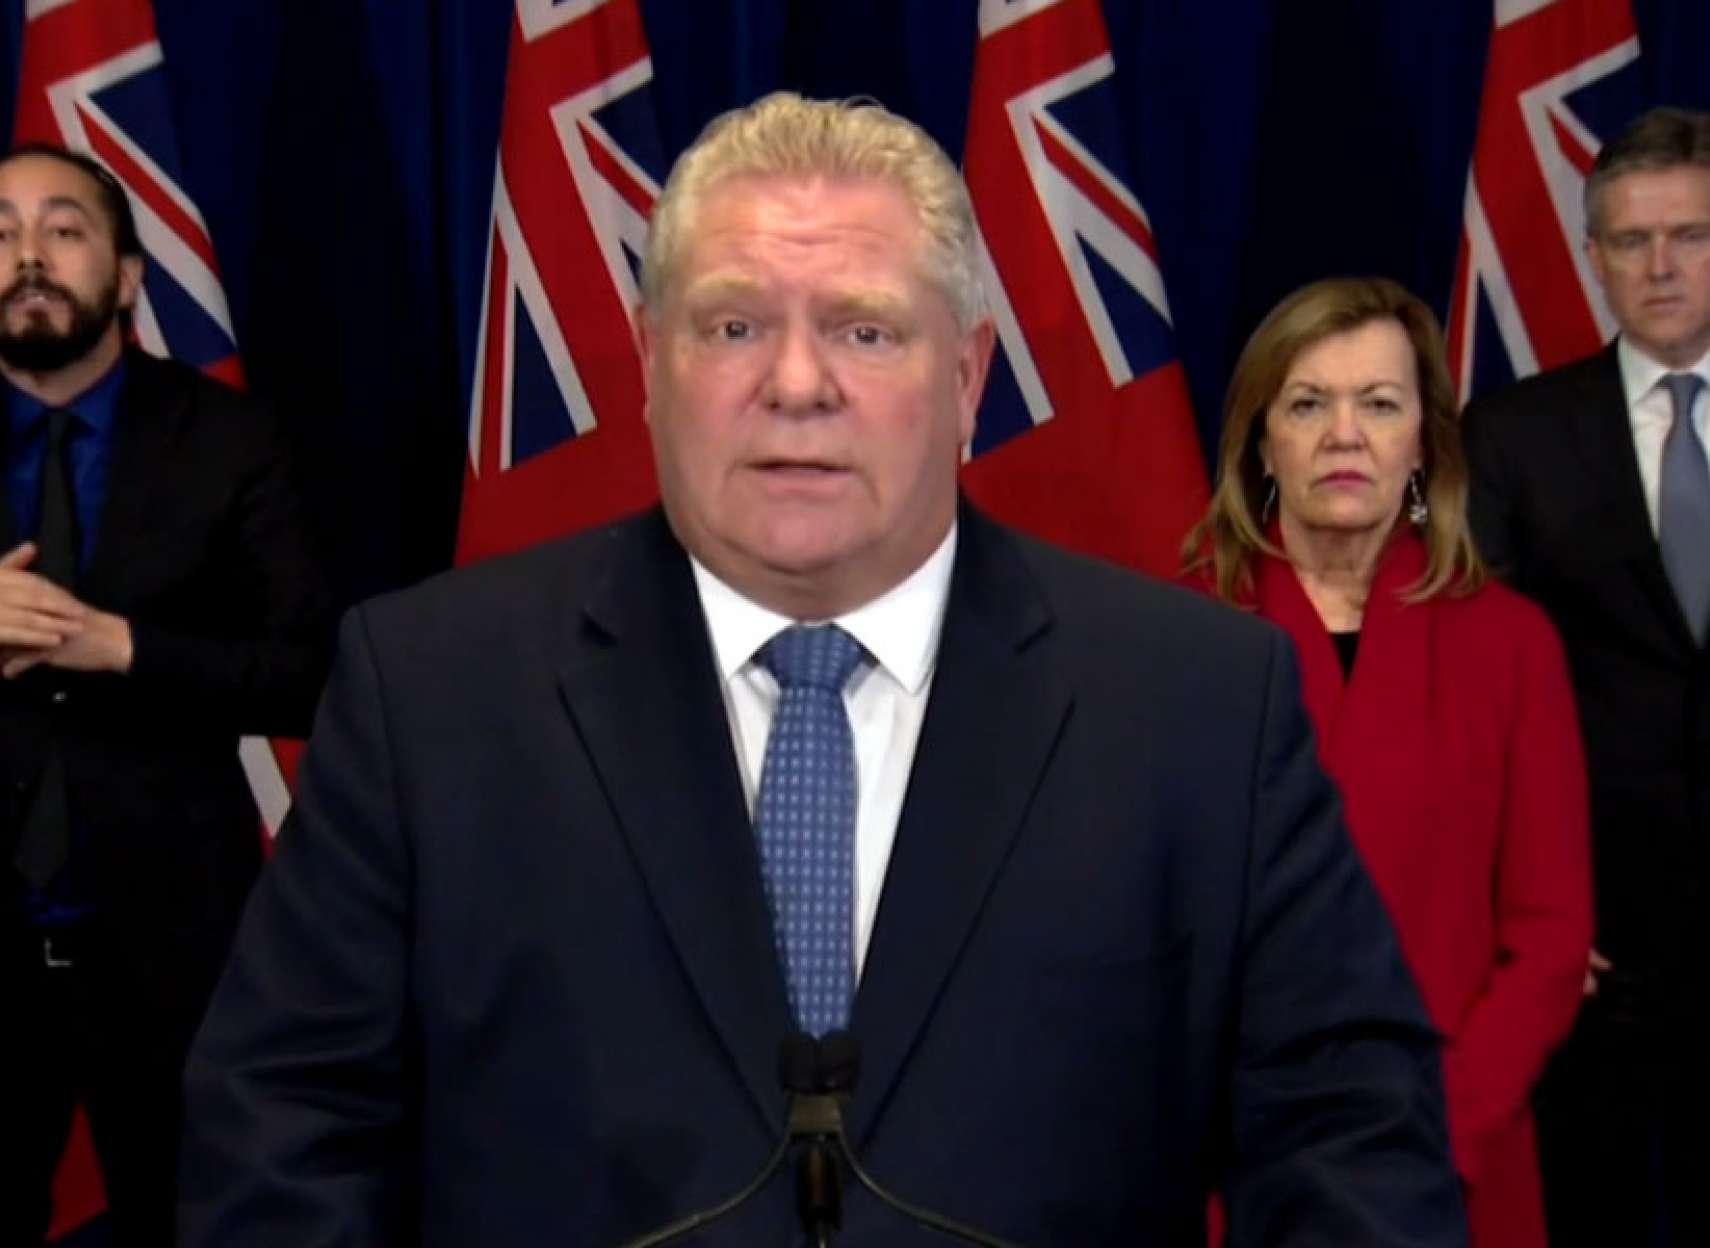 اخبار-تورنتو-اجتماعات-بیش-از-5-نفر-در-انتاریو-ممنوع-شد